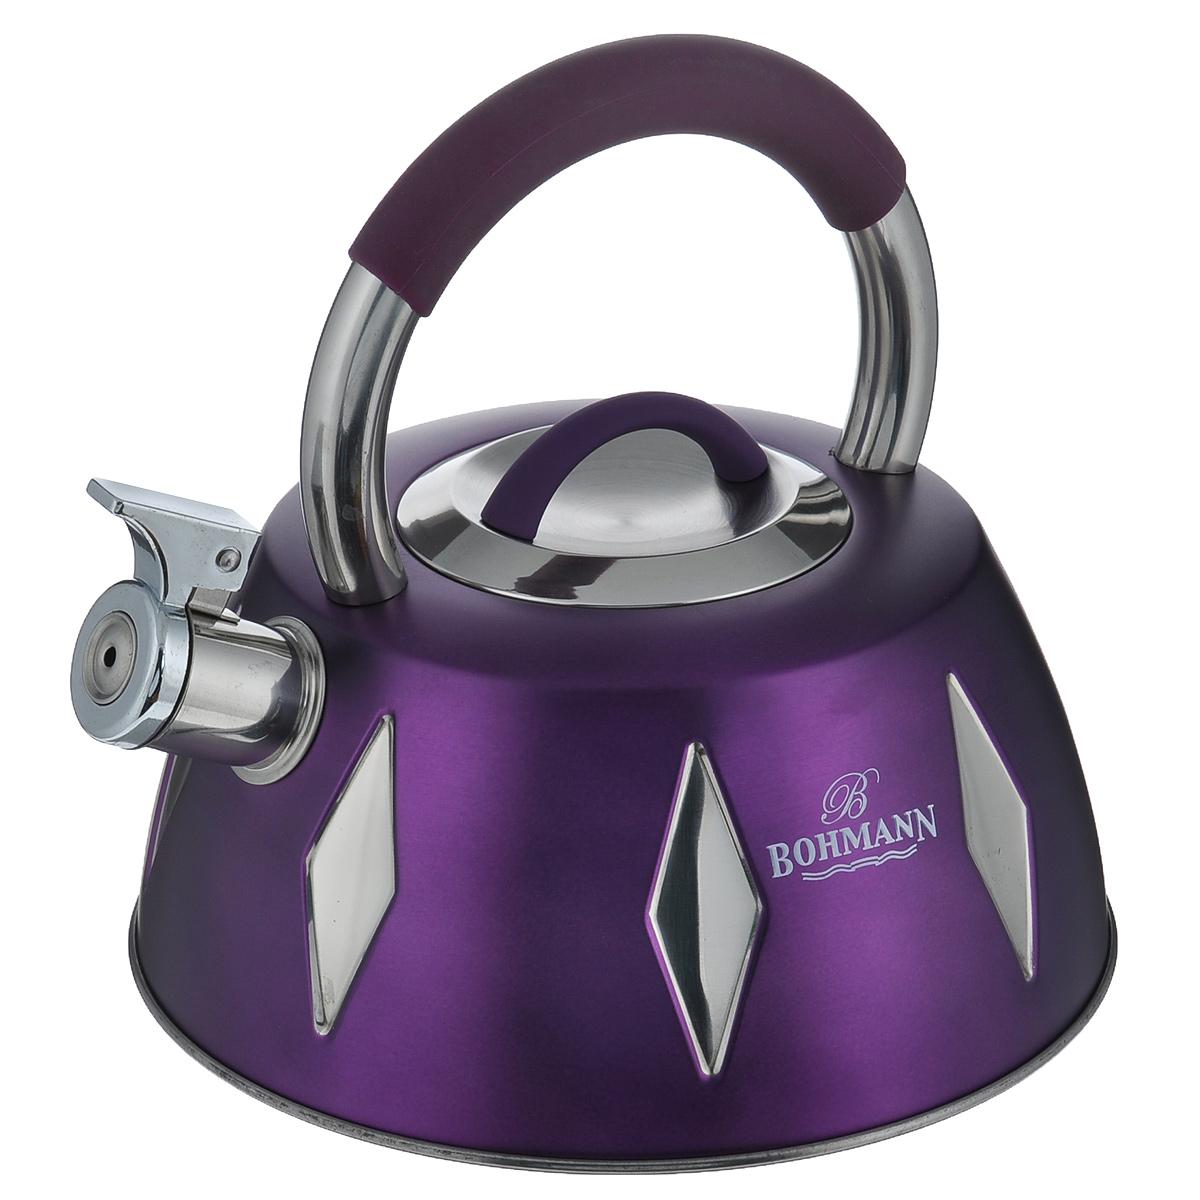 Чайник Bohmann со свистком, цвет: фиолетовый, 3,5 л. BH - 9948BH - 9948 фиолетовыйЧайник Bohmann изготовлен из высококачественной нержавеющей стали с цветным матовым покрытием. Нержавеющая сталь - материал, из которого в течение нескольких десятилетий во всем мире производятся столовые приборы, кухонные инструменты и различные аксессуары. Этот материал обладает высокой стойкостью к коррозии и кислотам. Прочность, долговечность и надежность этого материала, а также первоклассная обработка обеспечивают практически неограниченный запас прочности и неизменно привлекательный внешний вид. Чайник оснащен удобной ручкой с цветной силиконовой вставкой, что предотвращает появление ожогов и обеспечивает безопасность использования. Носик чайника имеет откидной свисток, который подскажет, когда вода закипела. Можно использовать на газовых, электрических, галогеновых, стеклокерамических, индукционных плитах. Можно мыть в посудомоечной машине.